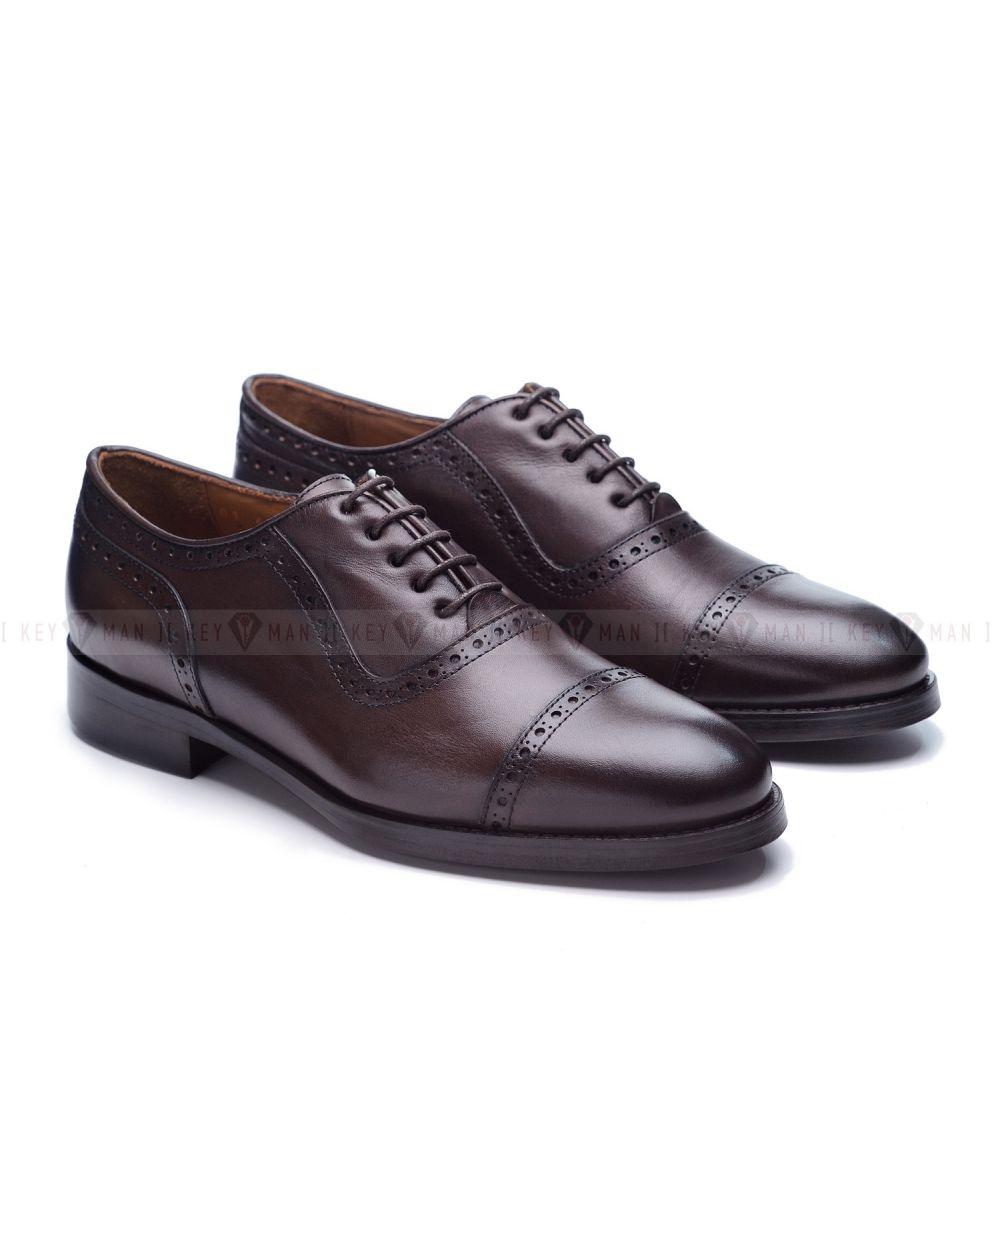 Туфли мужские оксфорды броги темно-коричневые на кожаной подошве